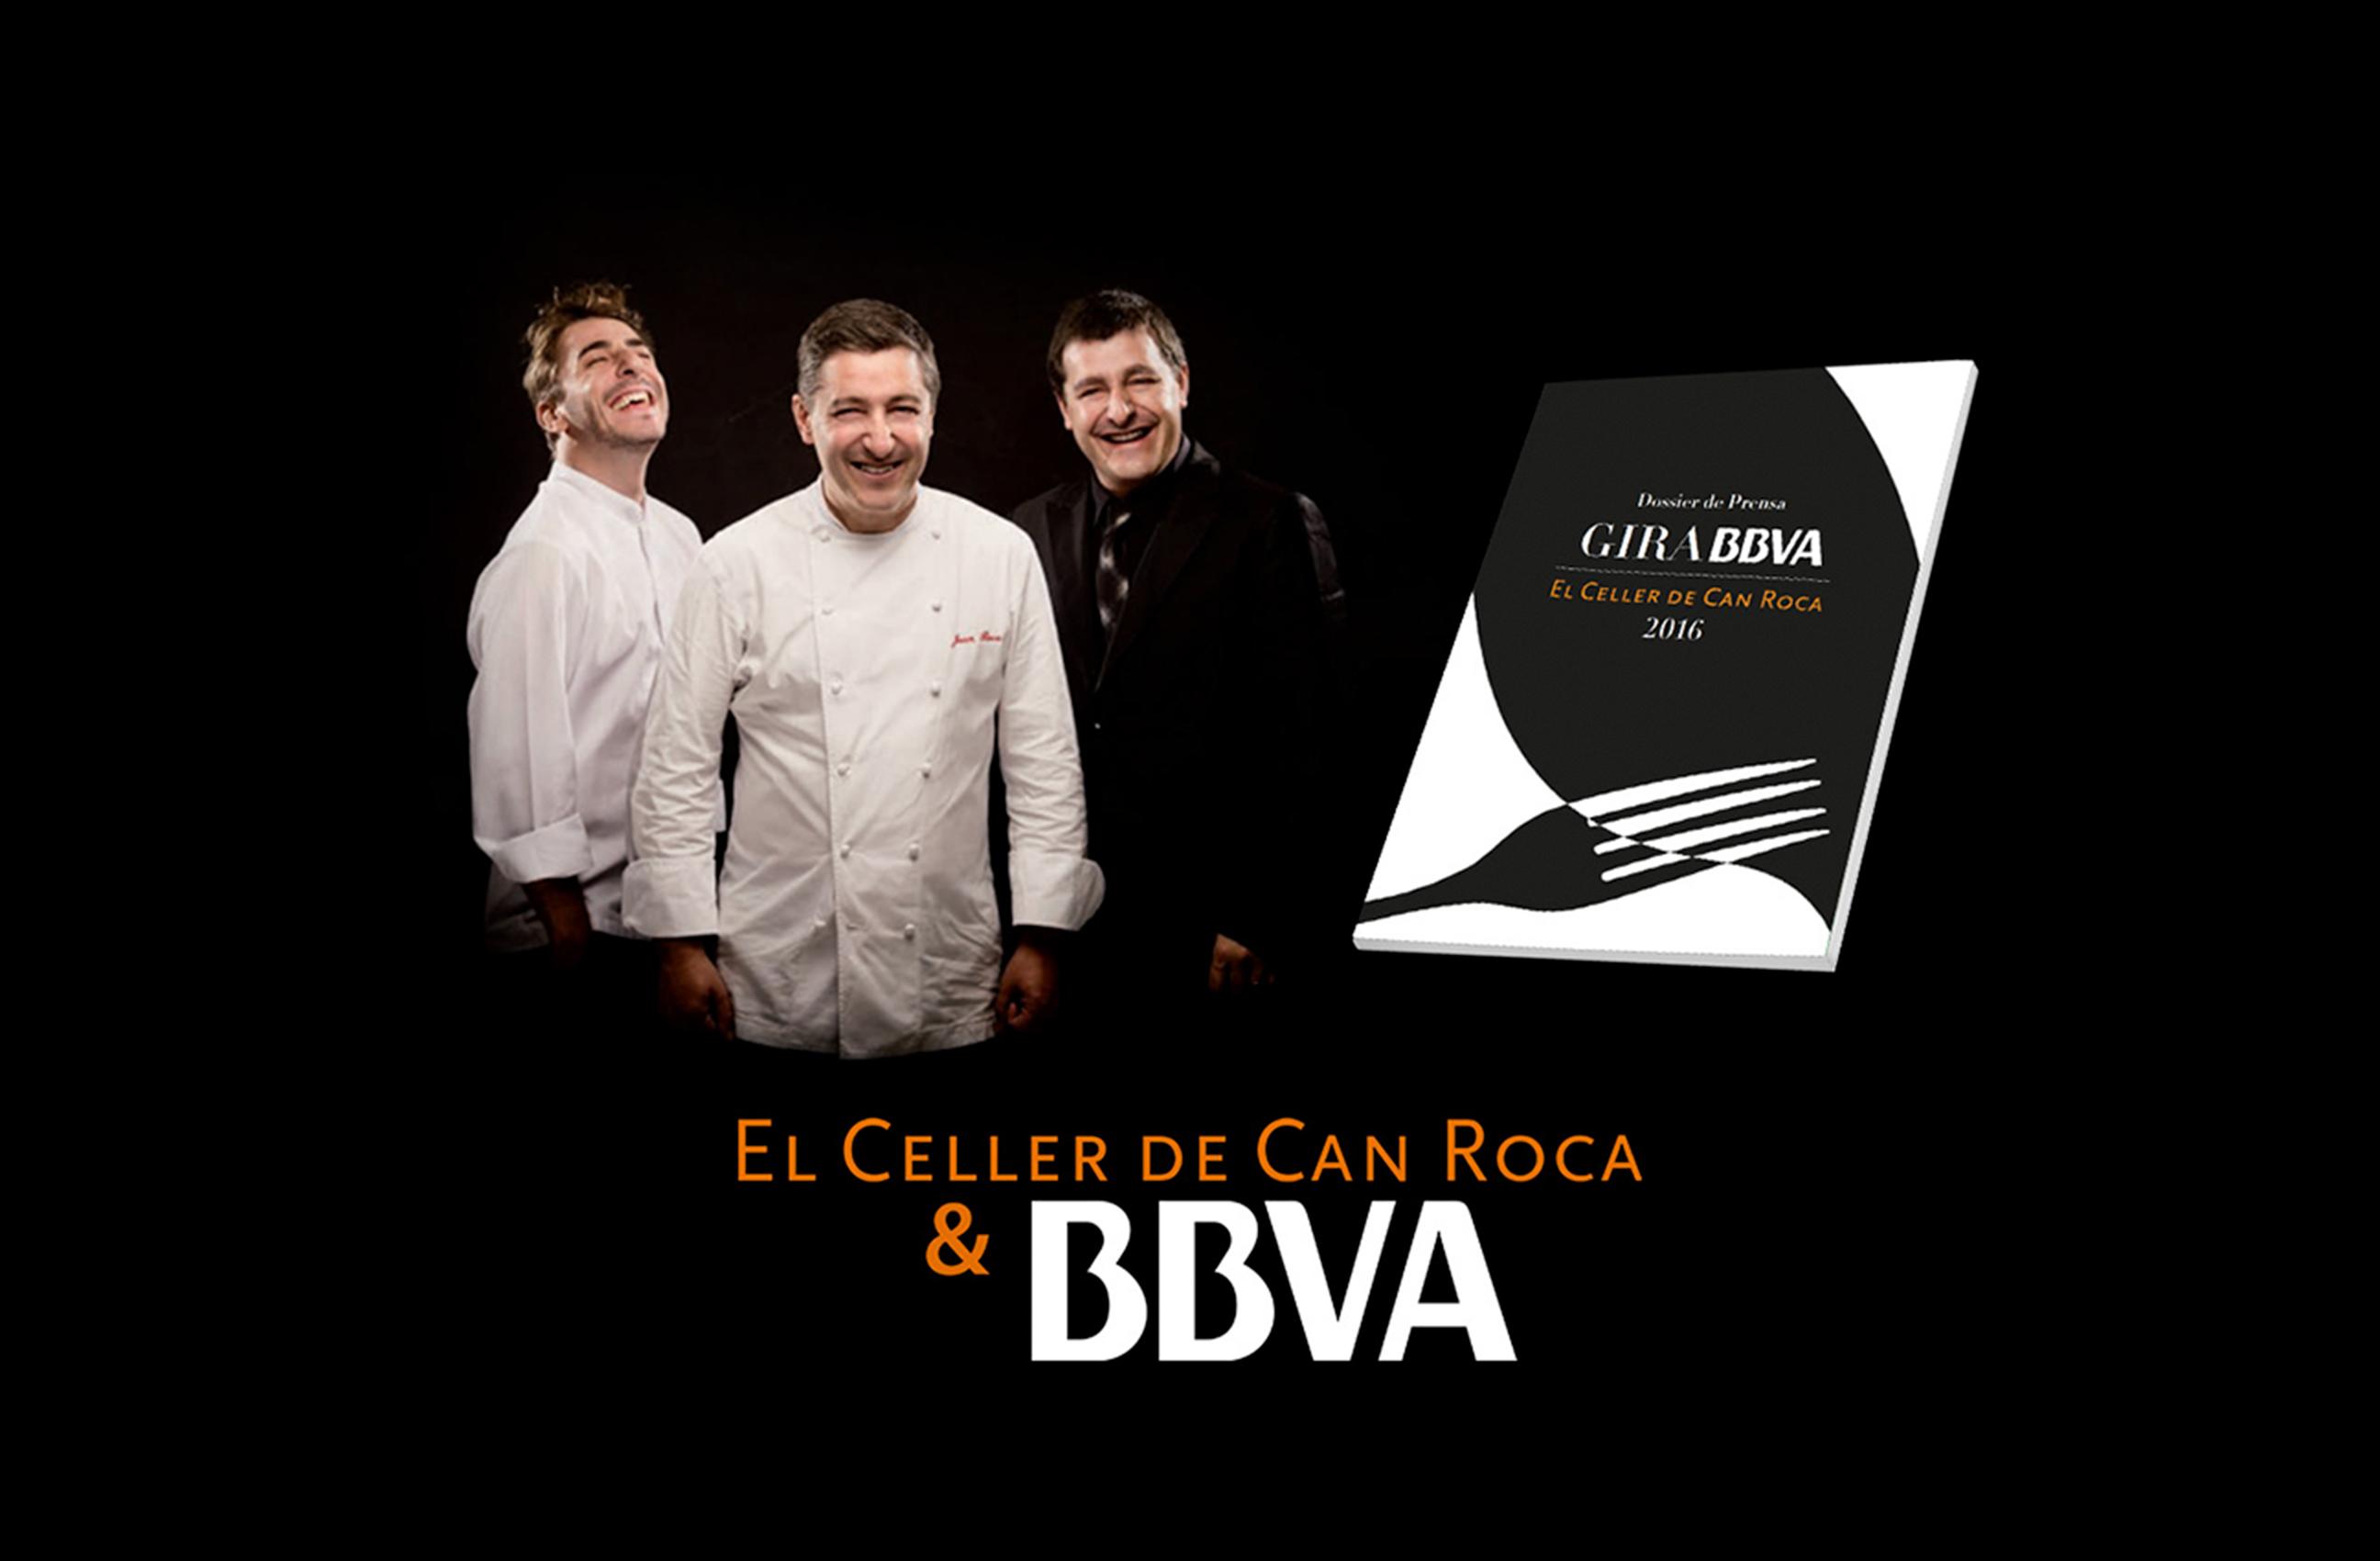 El Celler de Can Roca & BBVA: Gira 2016